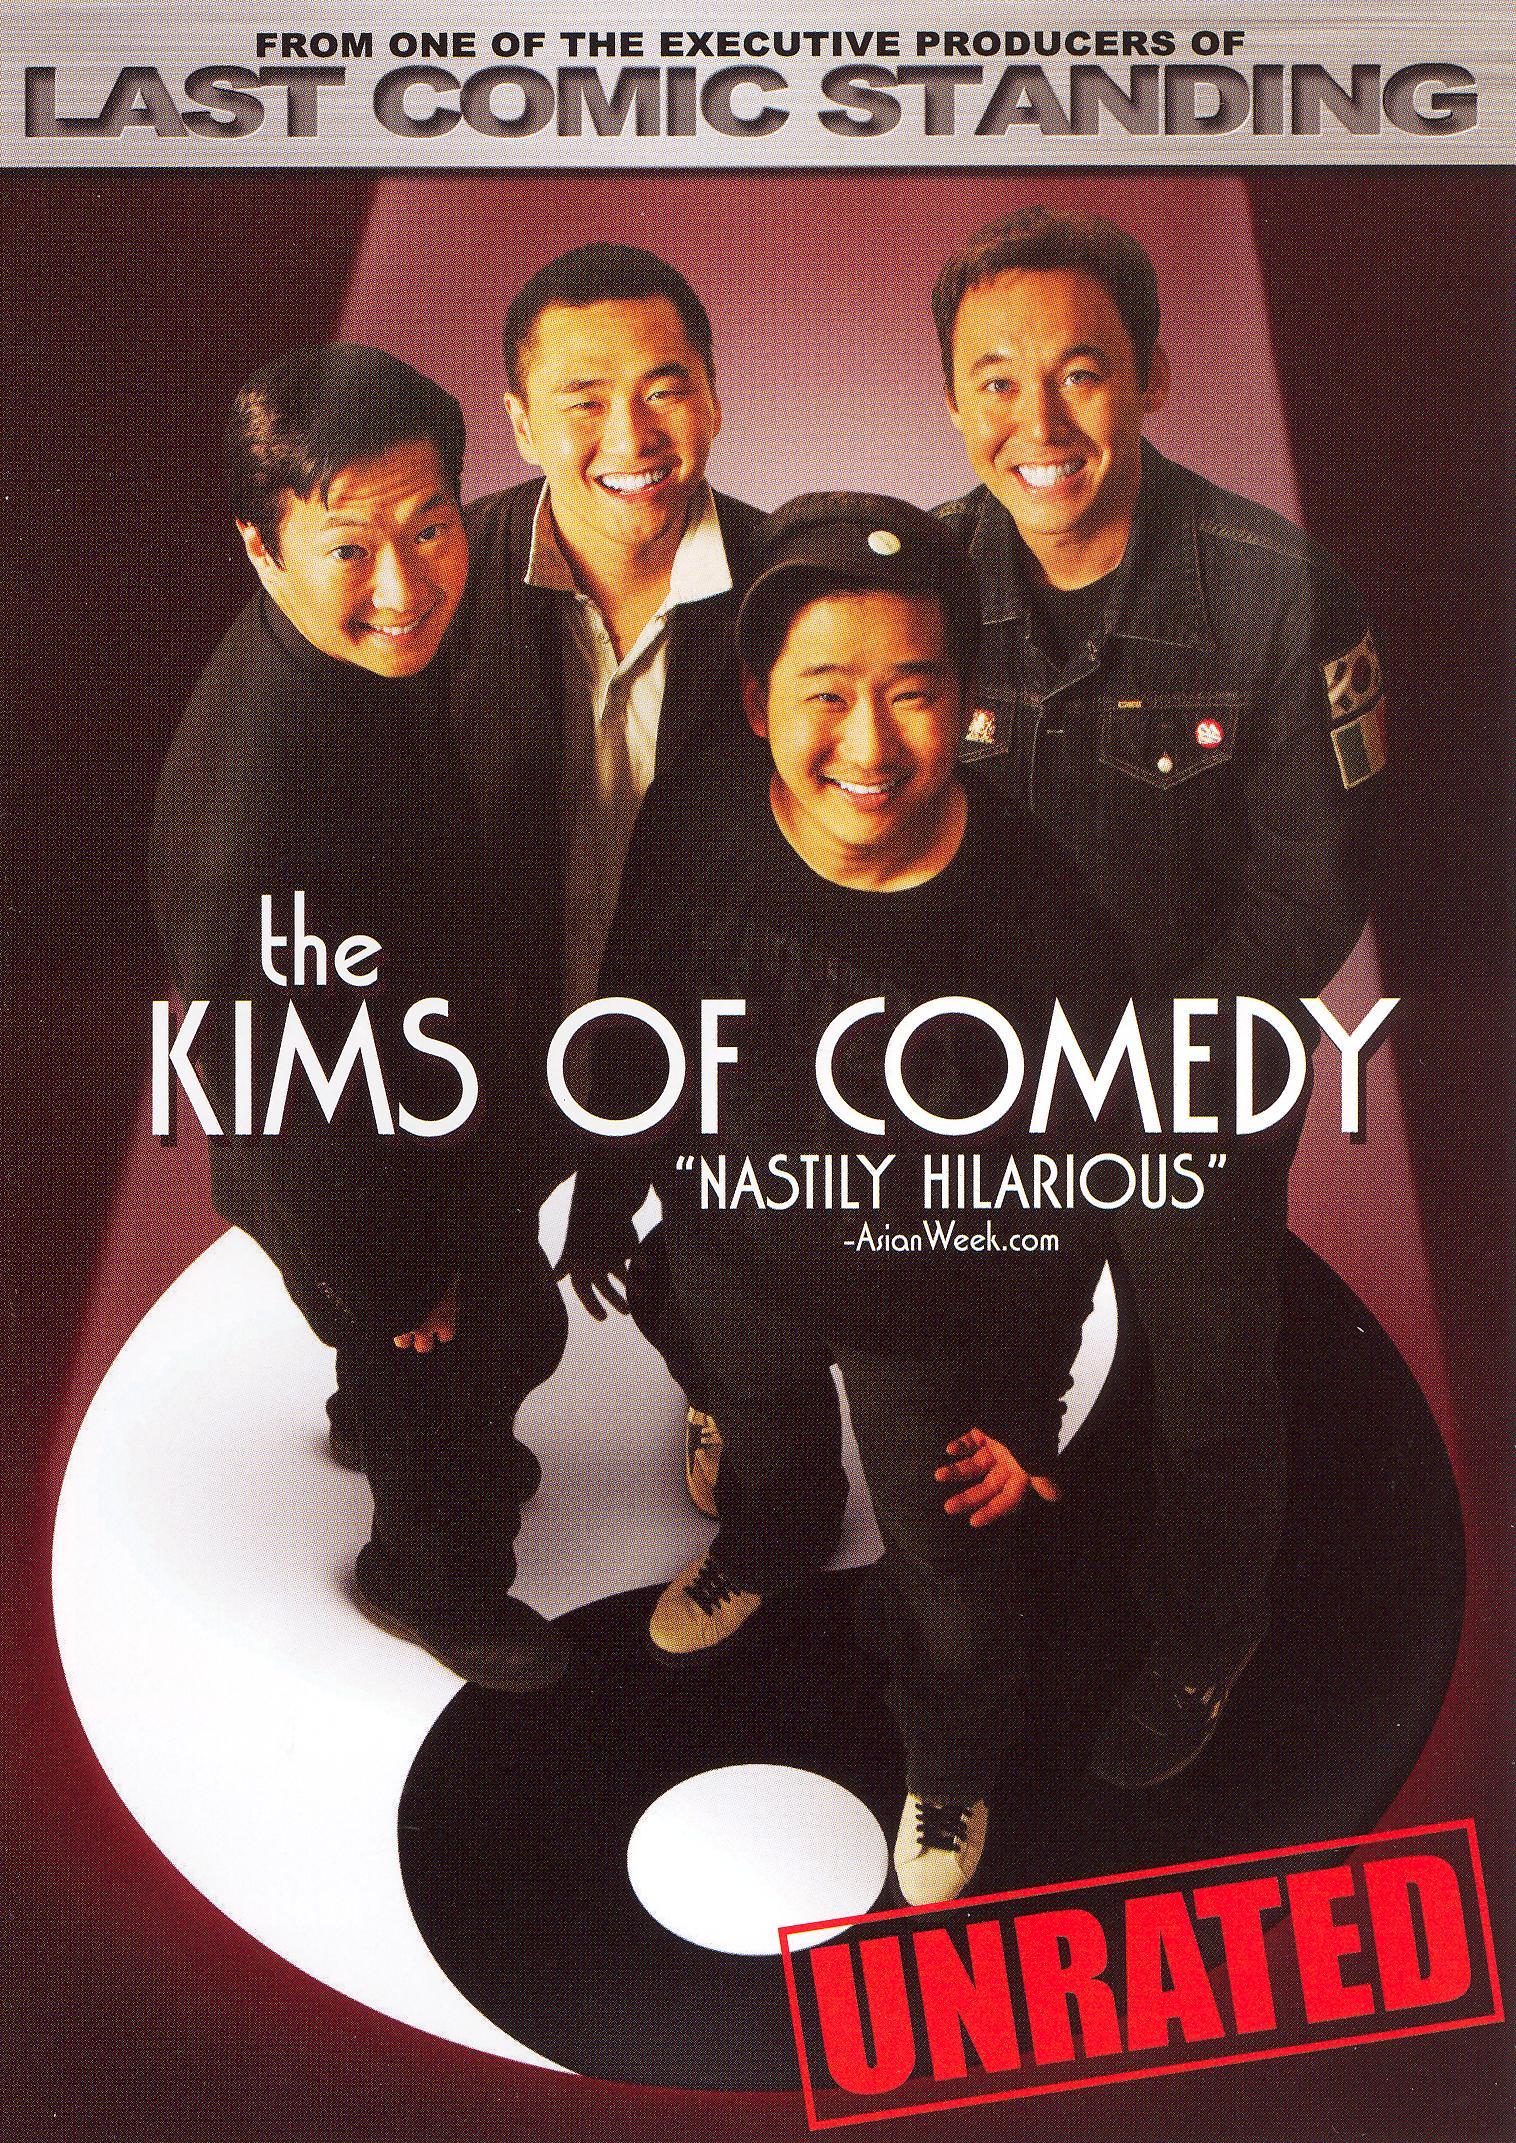 The Original Kims of Comedy